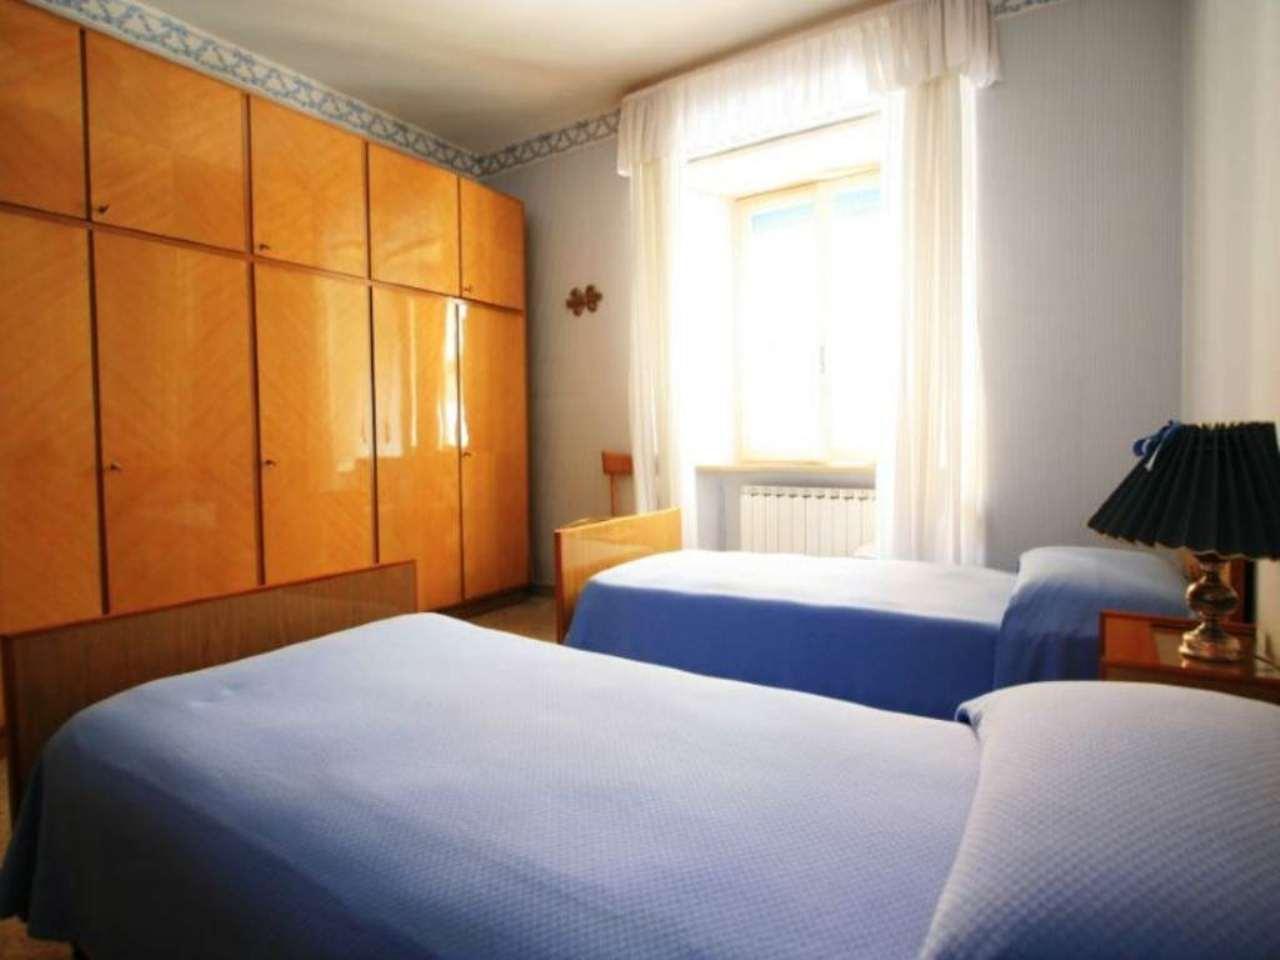 Appartamento in vendita a Civitanova Marche, 4 locali, prezzo € 130.000 | Cambio Casa.it